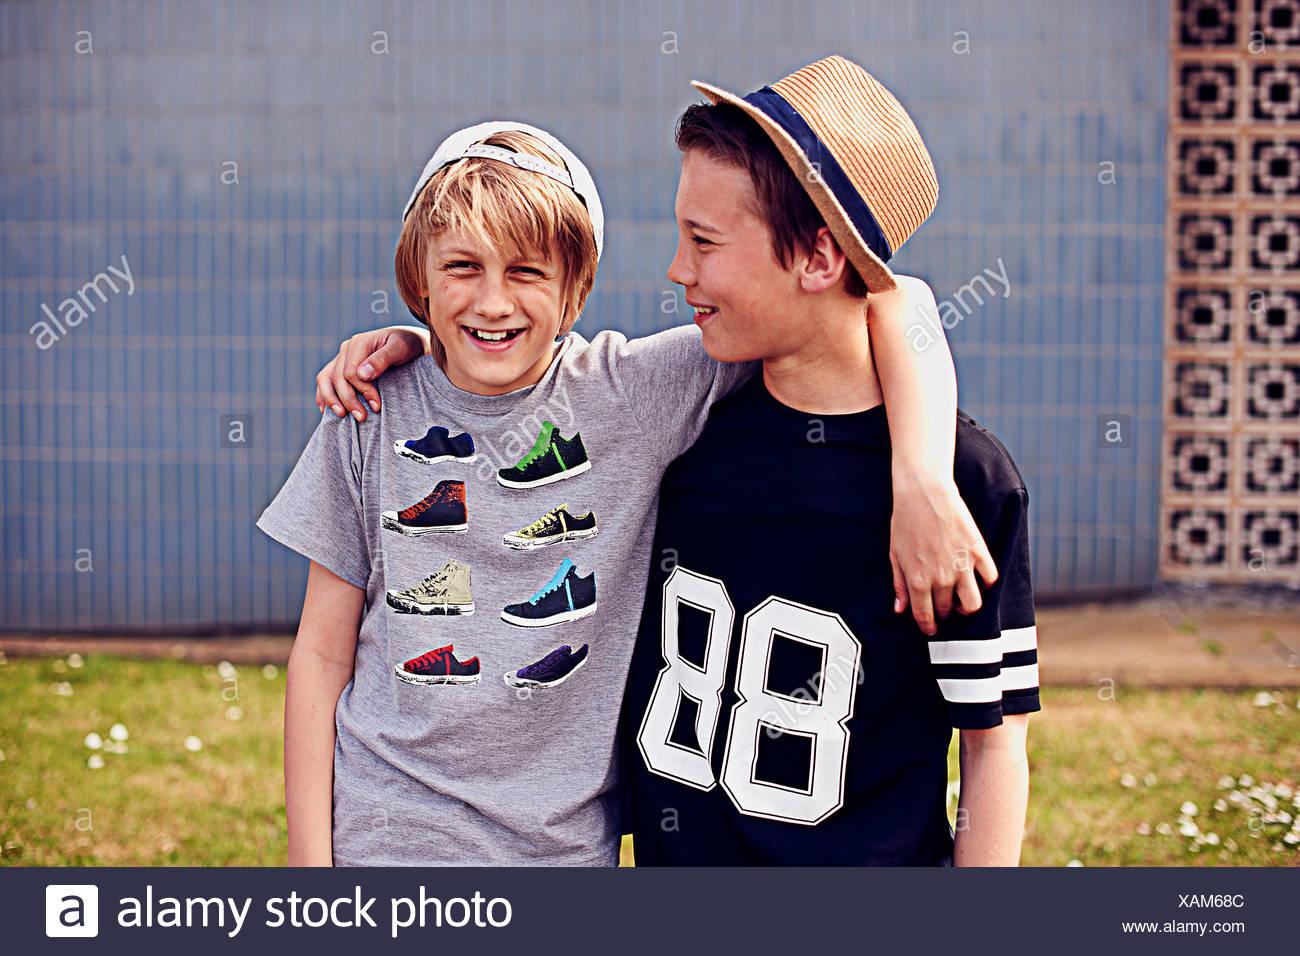 Dos muchachos con armas uno alrededor del otro, Retrato Imagen De Stock